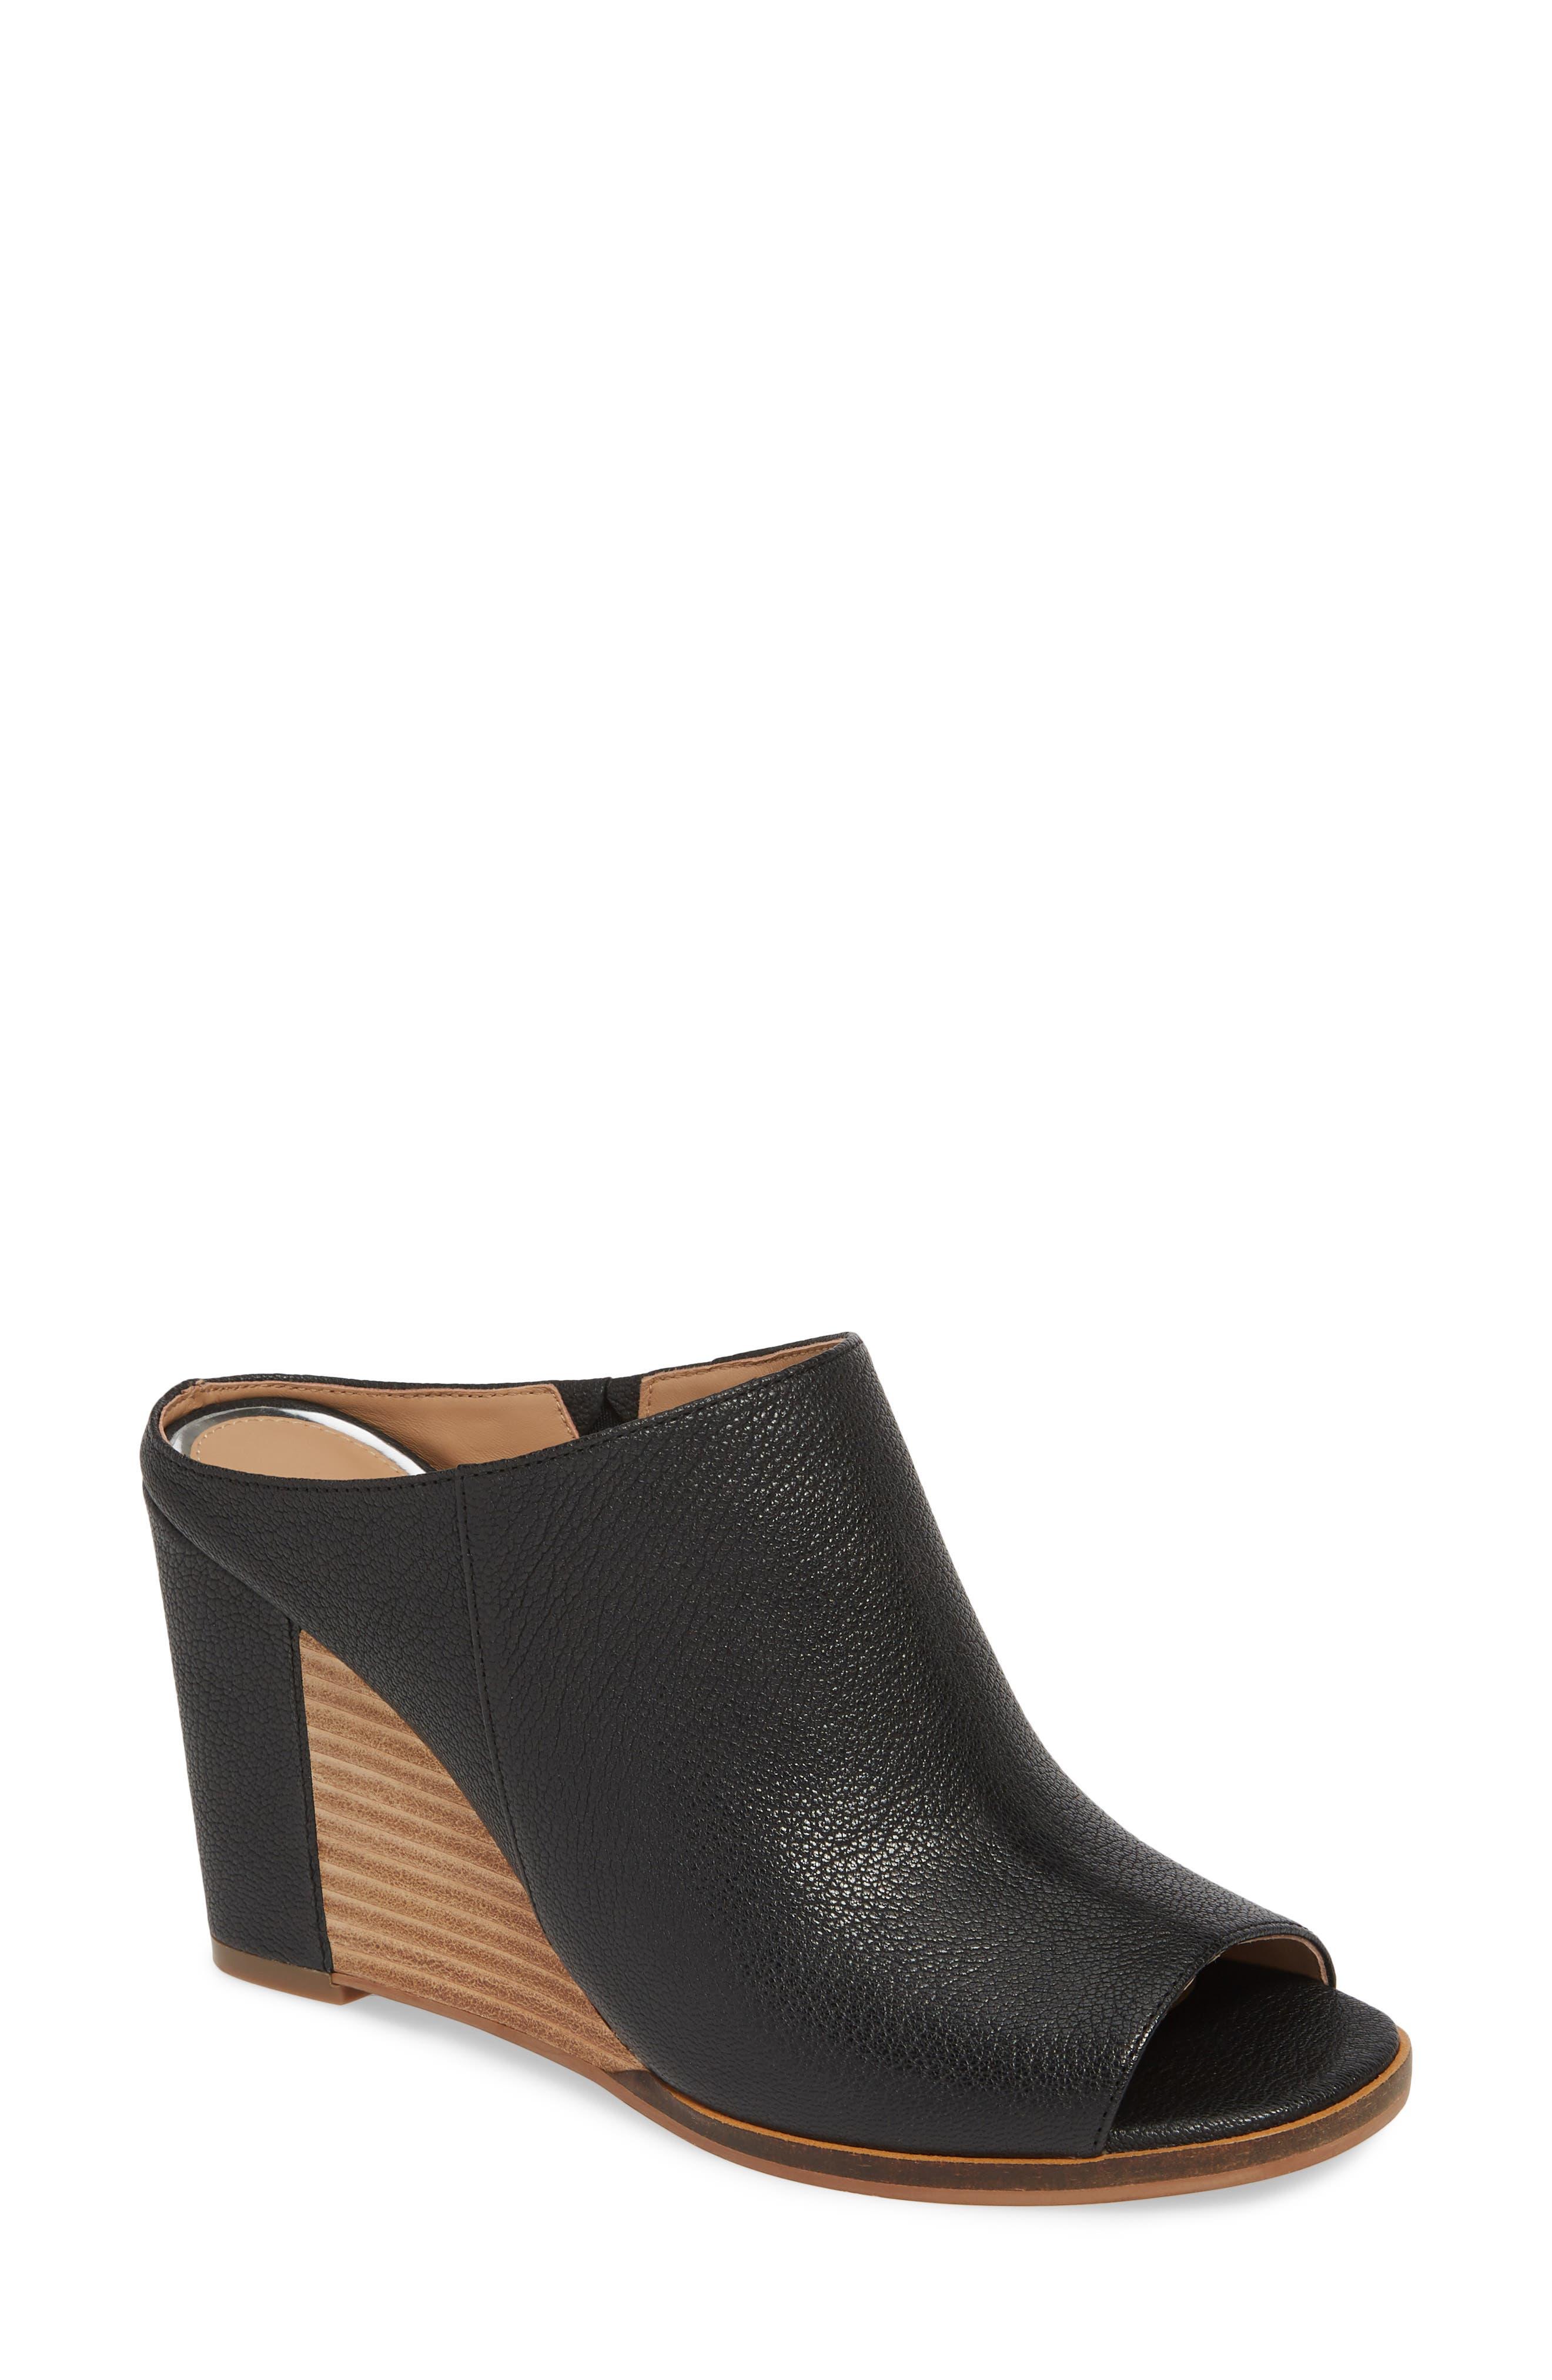 LINEA PAOLO Gaia Wedge Sandal, Main, color, BLACK LEATHER